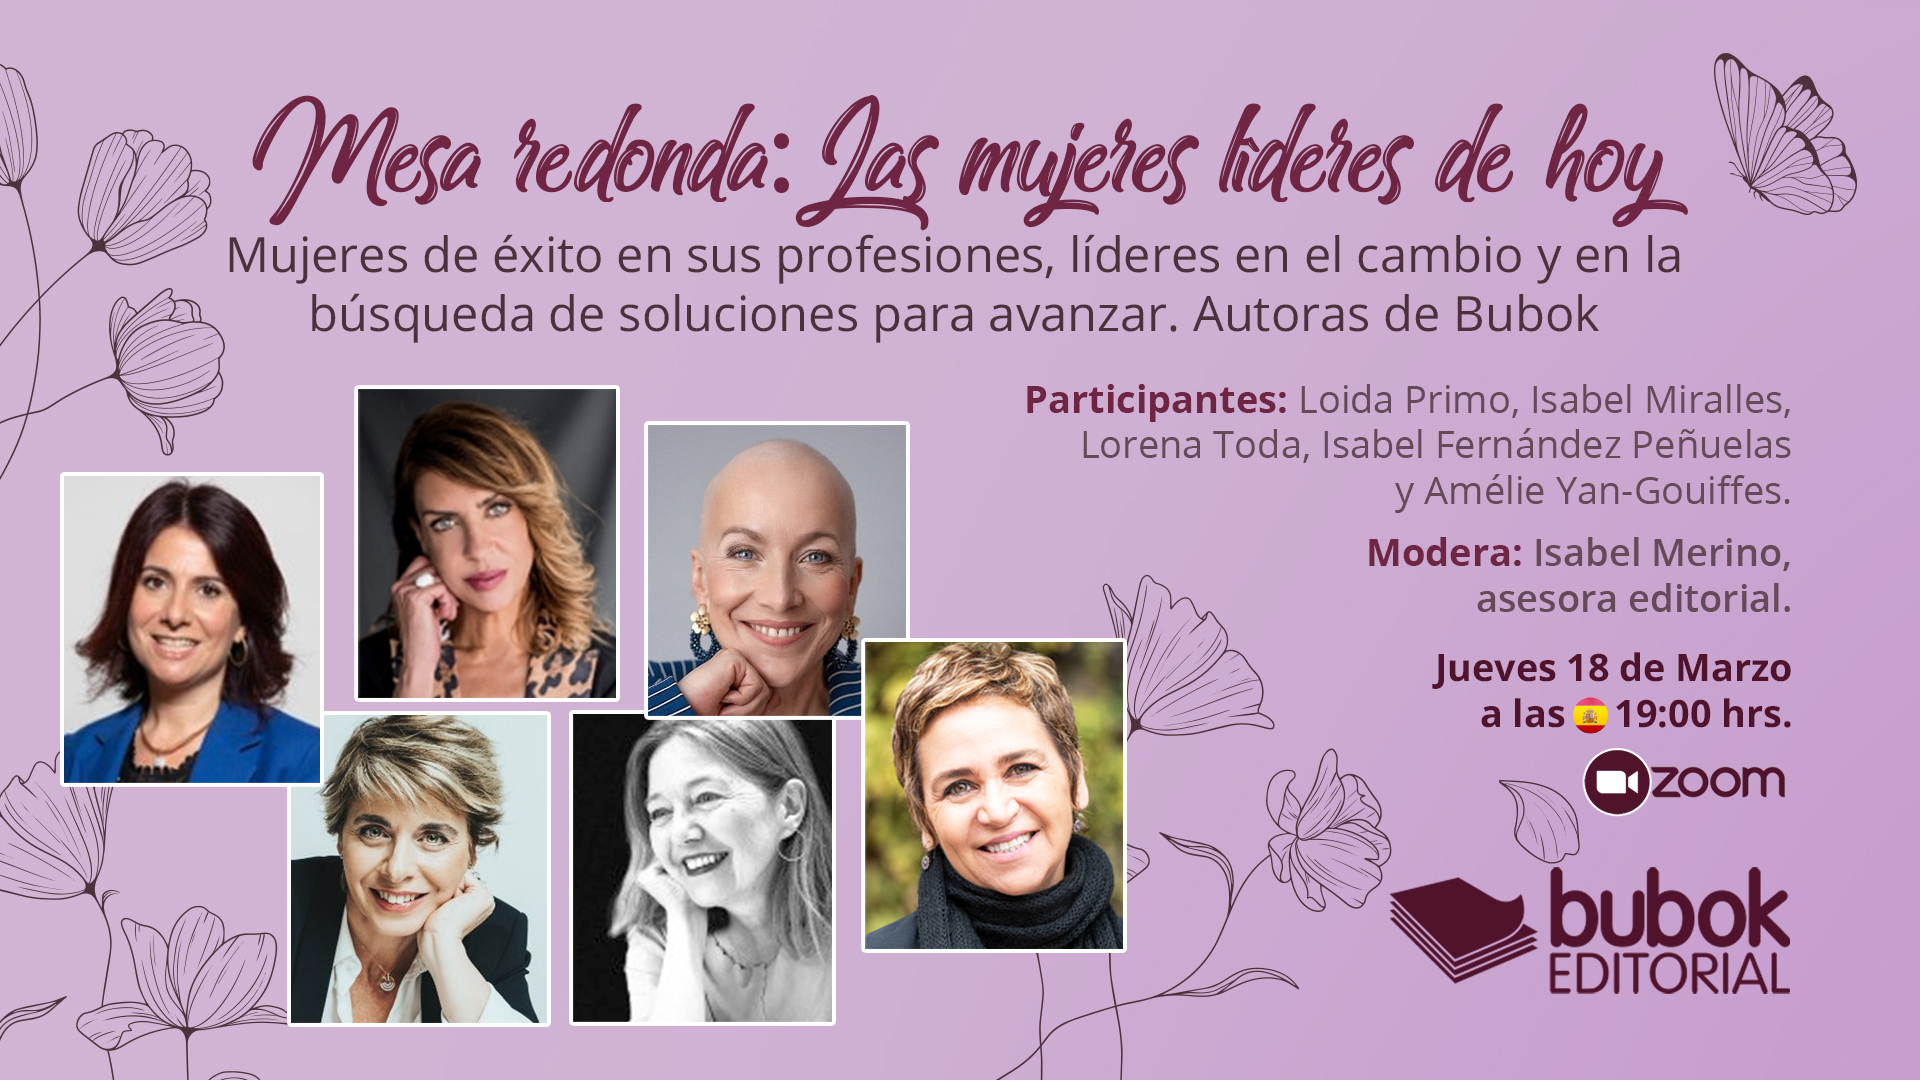 Las mujeres líderes de hoy: mesa redonda moderada por Isabel Merino